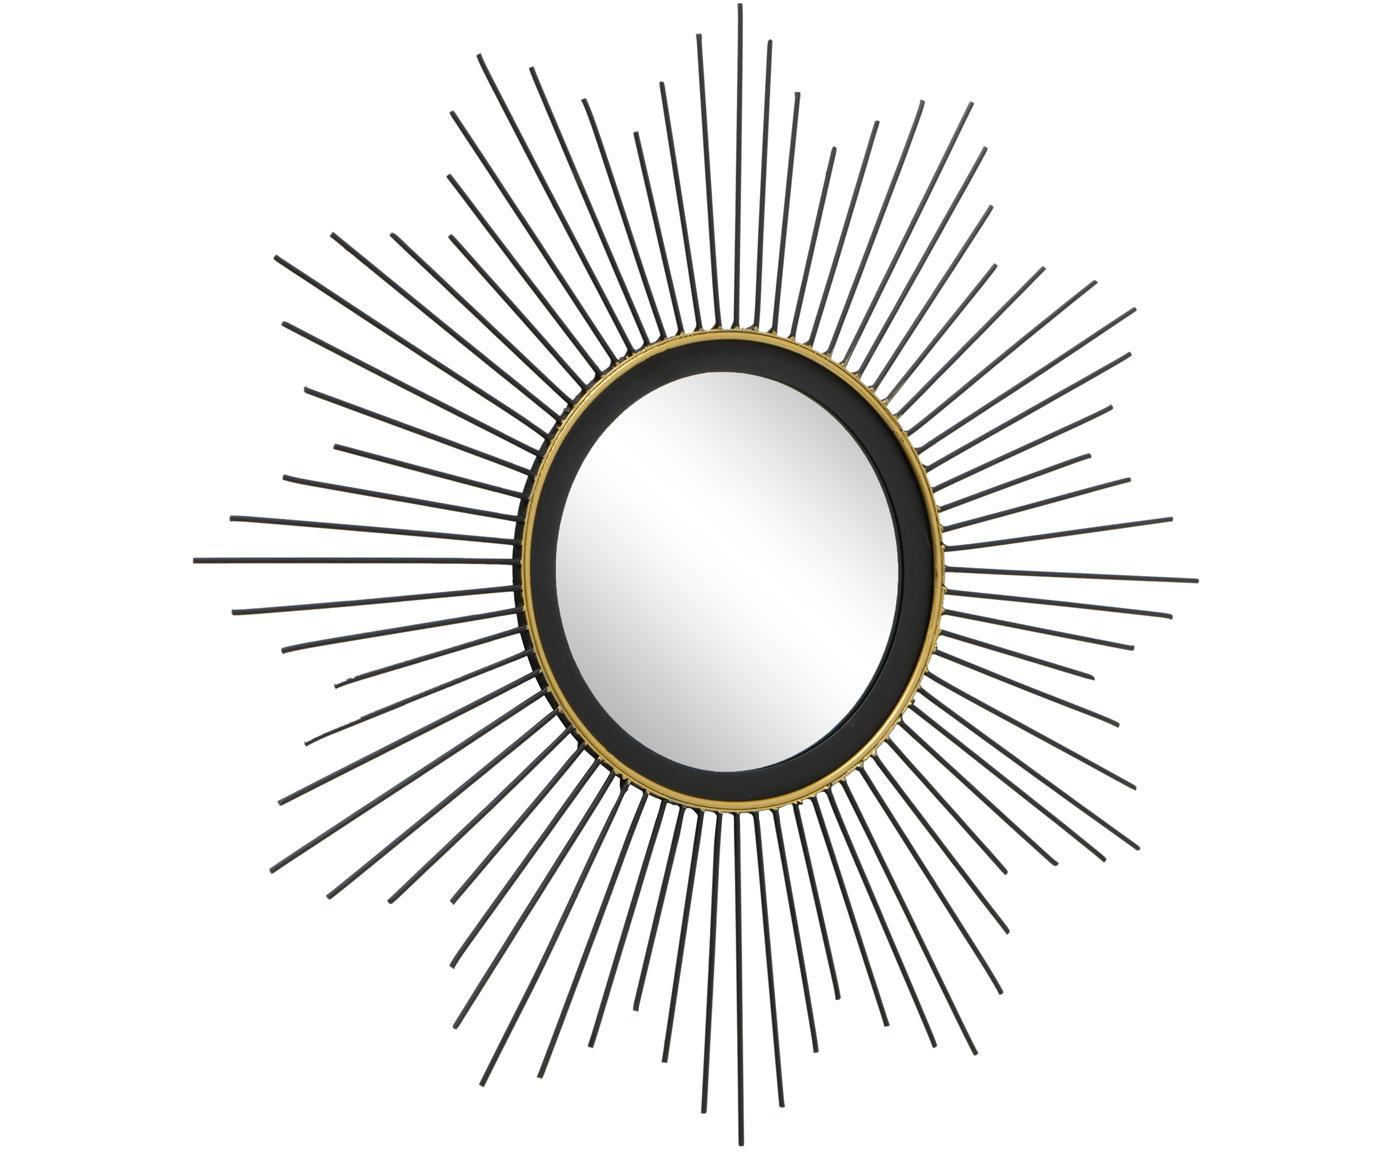 Okrągłe lustro ścienne Yoko, Metal, szkło lustrzane, Czarny, Ø 50 cm